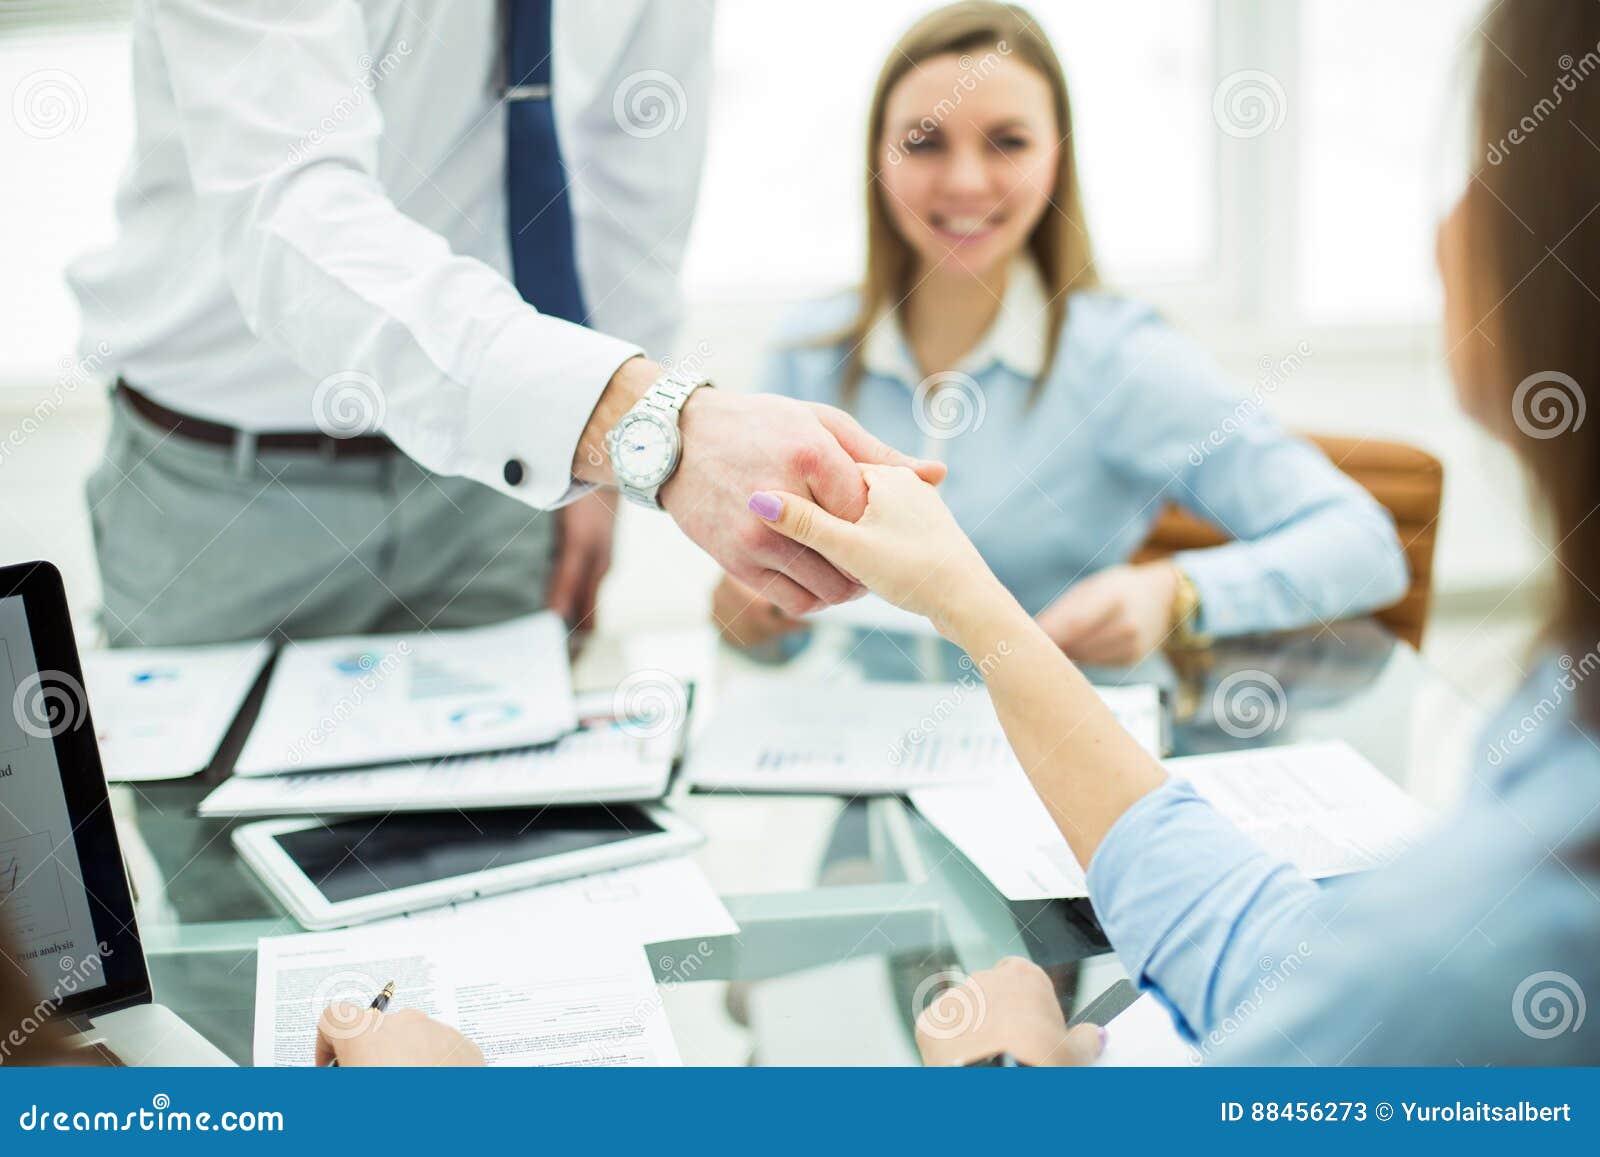 El director de banco y el cliente sacuden las manos después de firmar un contrato lucrativo